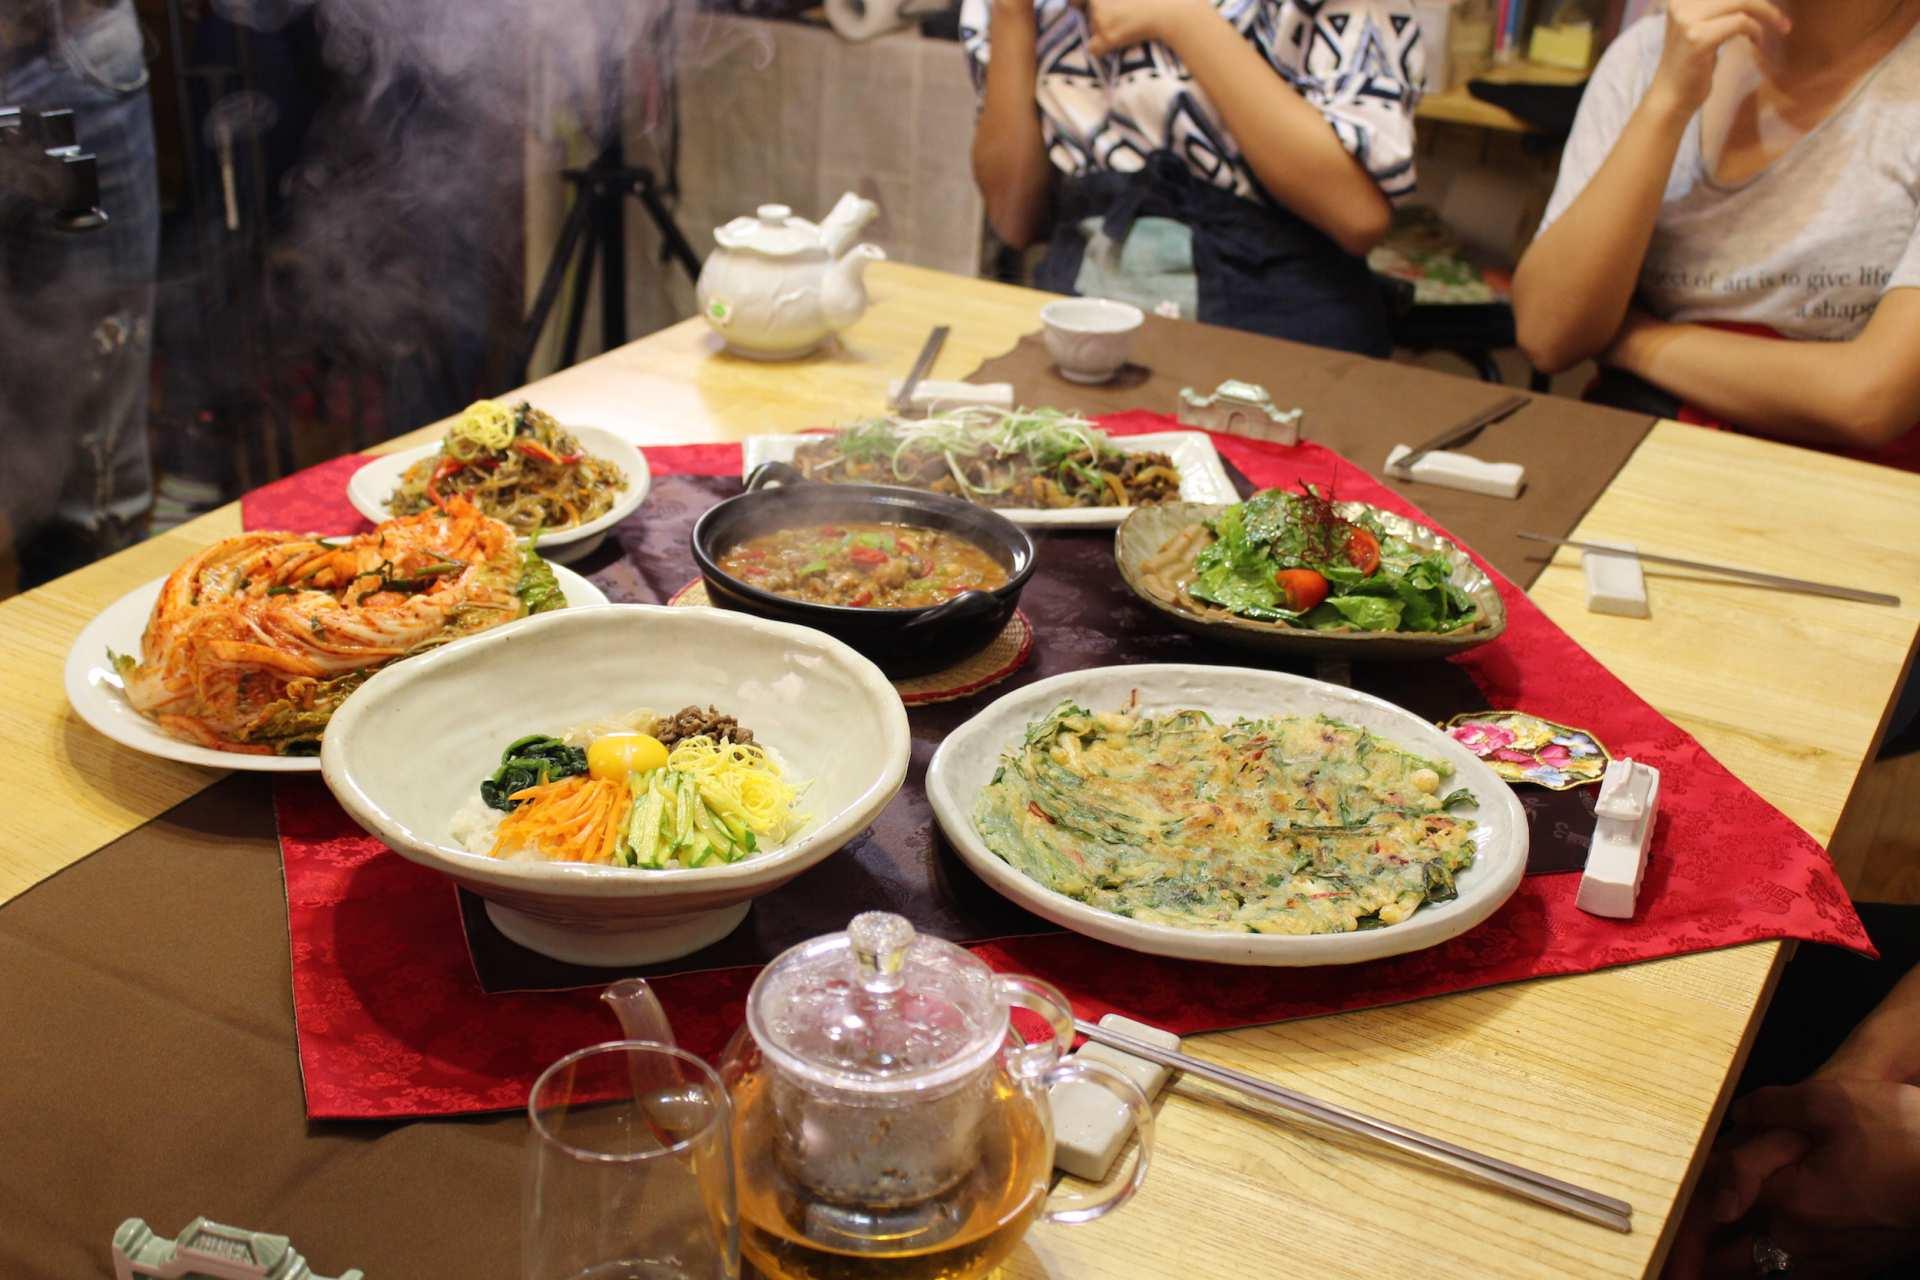 オミ(五味)料理研究所:ソウルの韓国料理教室で本場の韓国料理を習おう!